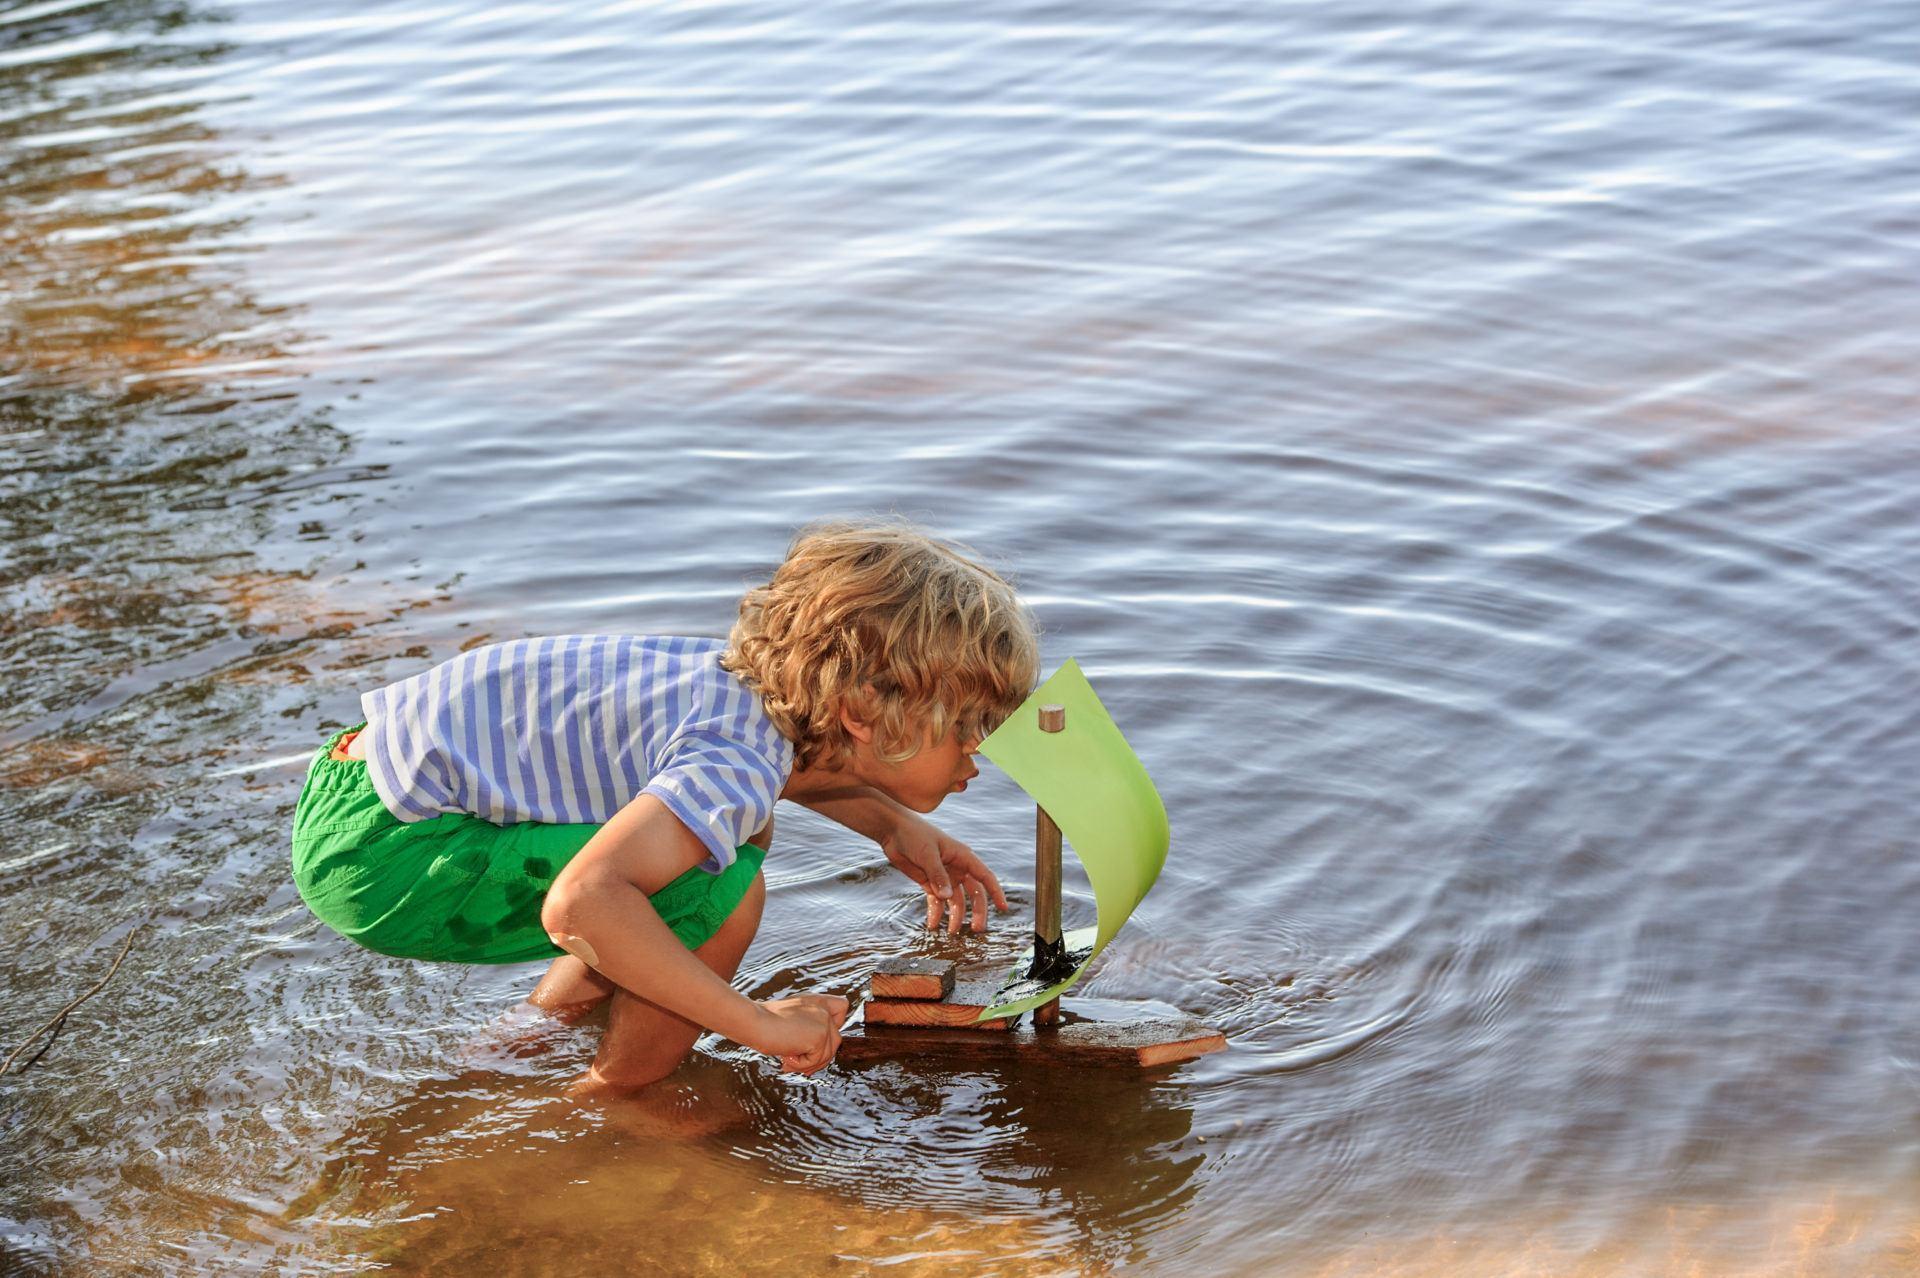 poika puhaltaa tuulta itse tekemänsä veneen purjeisiin